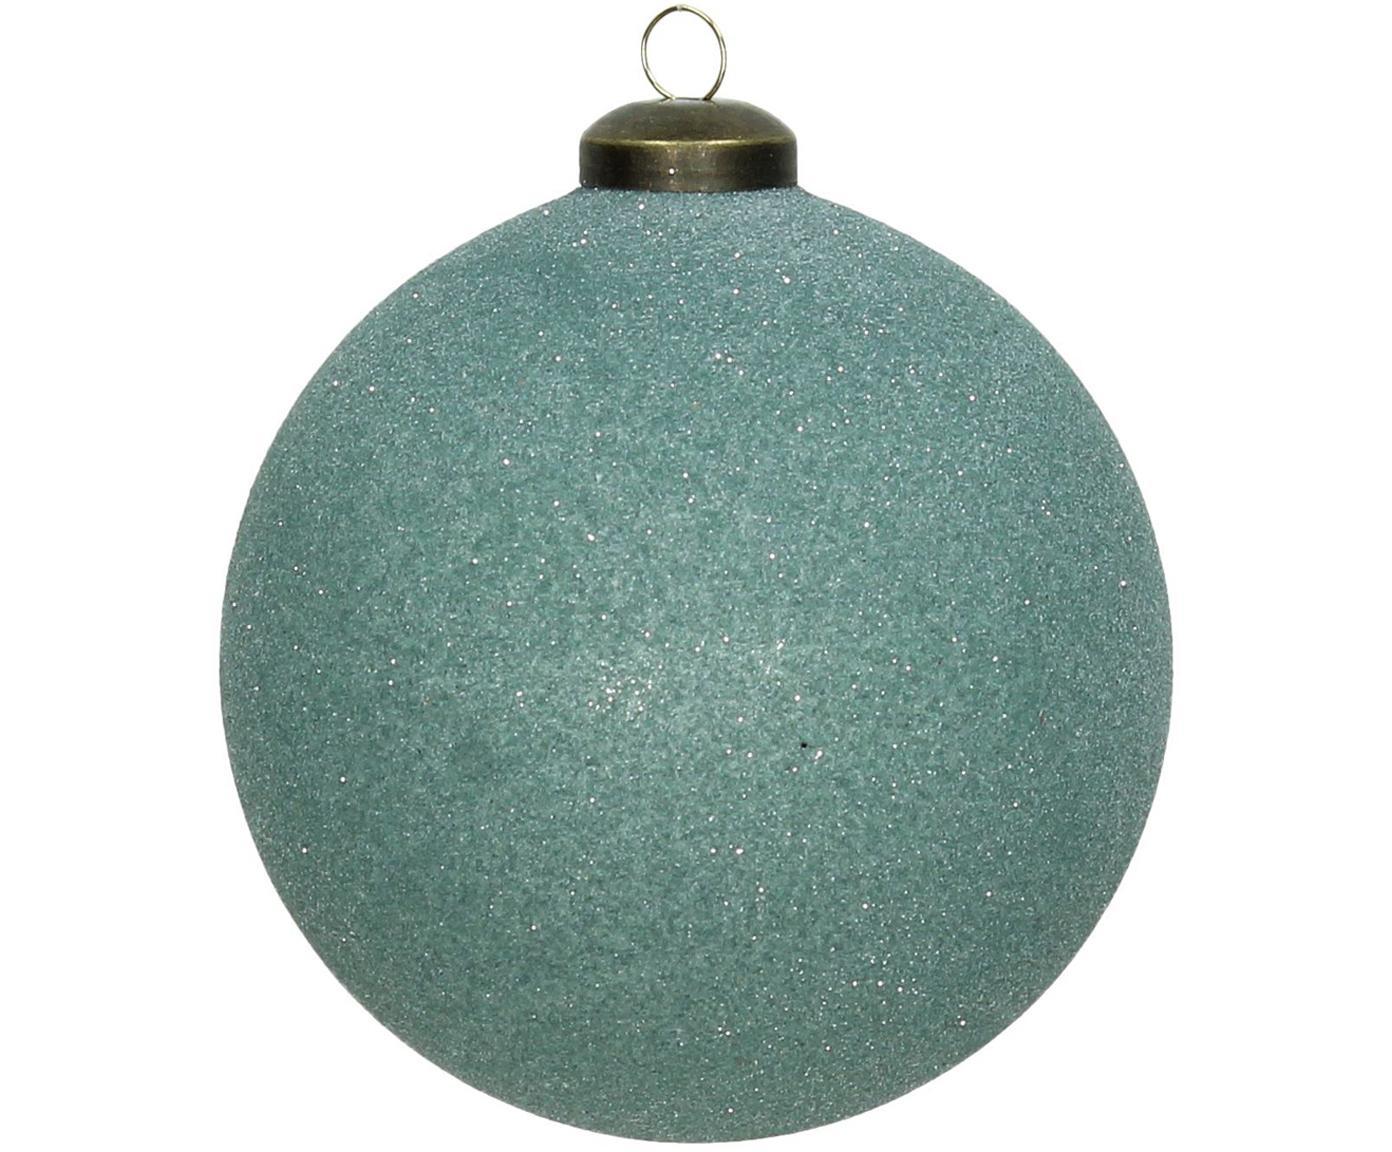 Weihnachtskugeln Bend Ø10cm, 2Stück, Glas, Türkis, Ø 10 cm